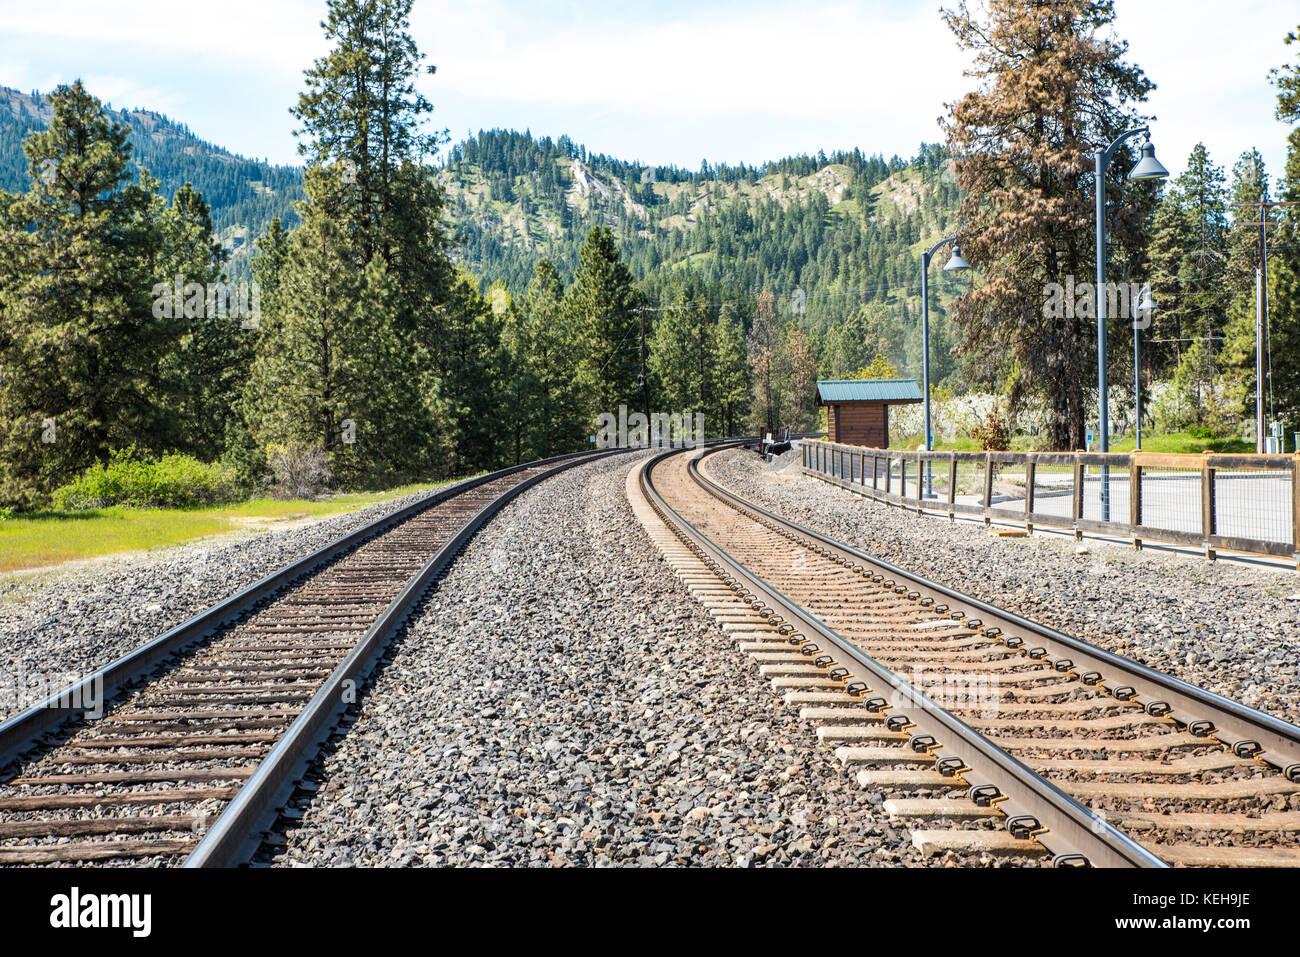 Il giro del bend - binari del treno può essere metafore per un futuro ignoto, che conduce a un lontano, orizzonte Immagini Stock